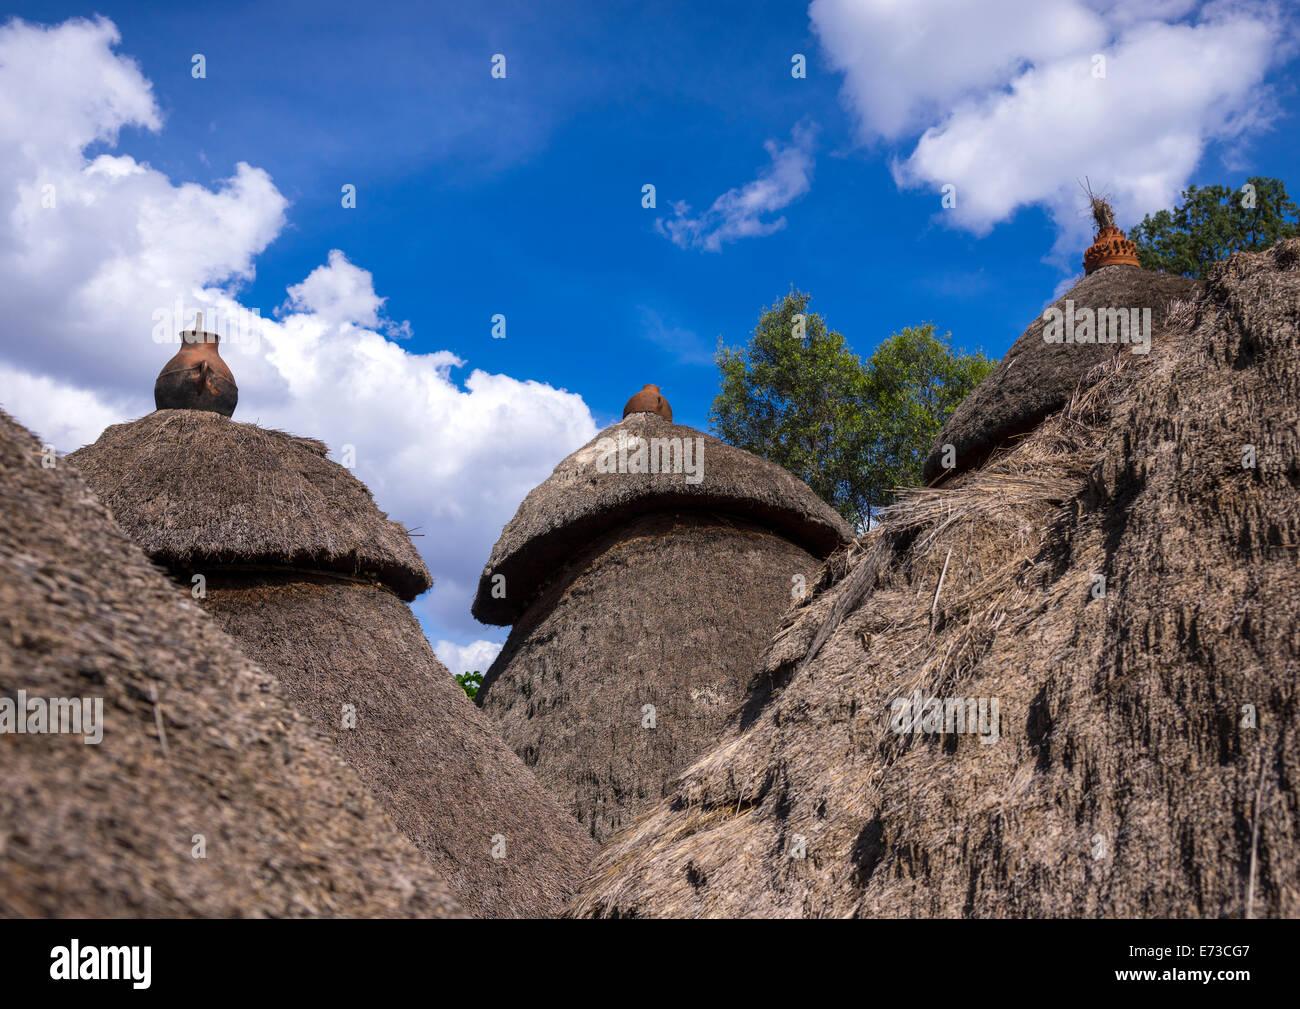 Tribu Konso casas tradicionales con ollas en la parte superior, Konso, Valle de Omo, Etiopía Foto de stock